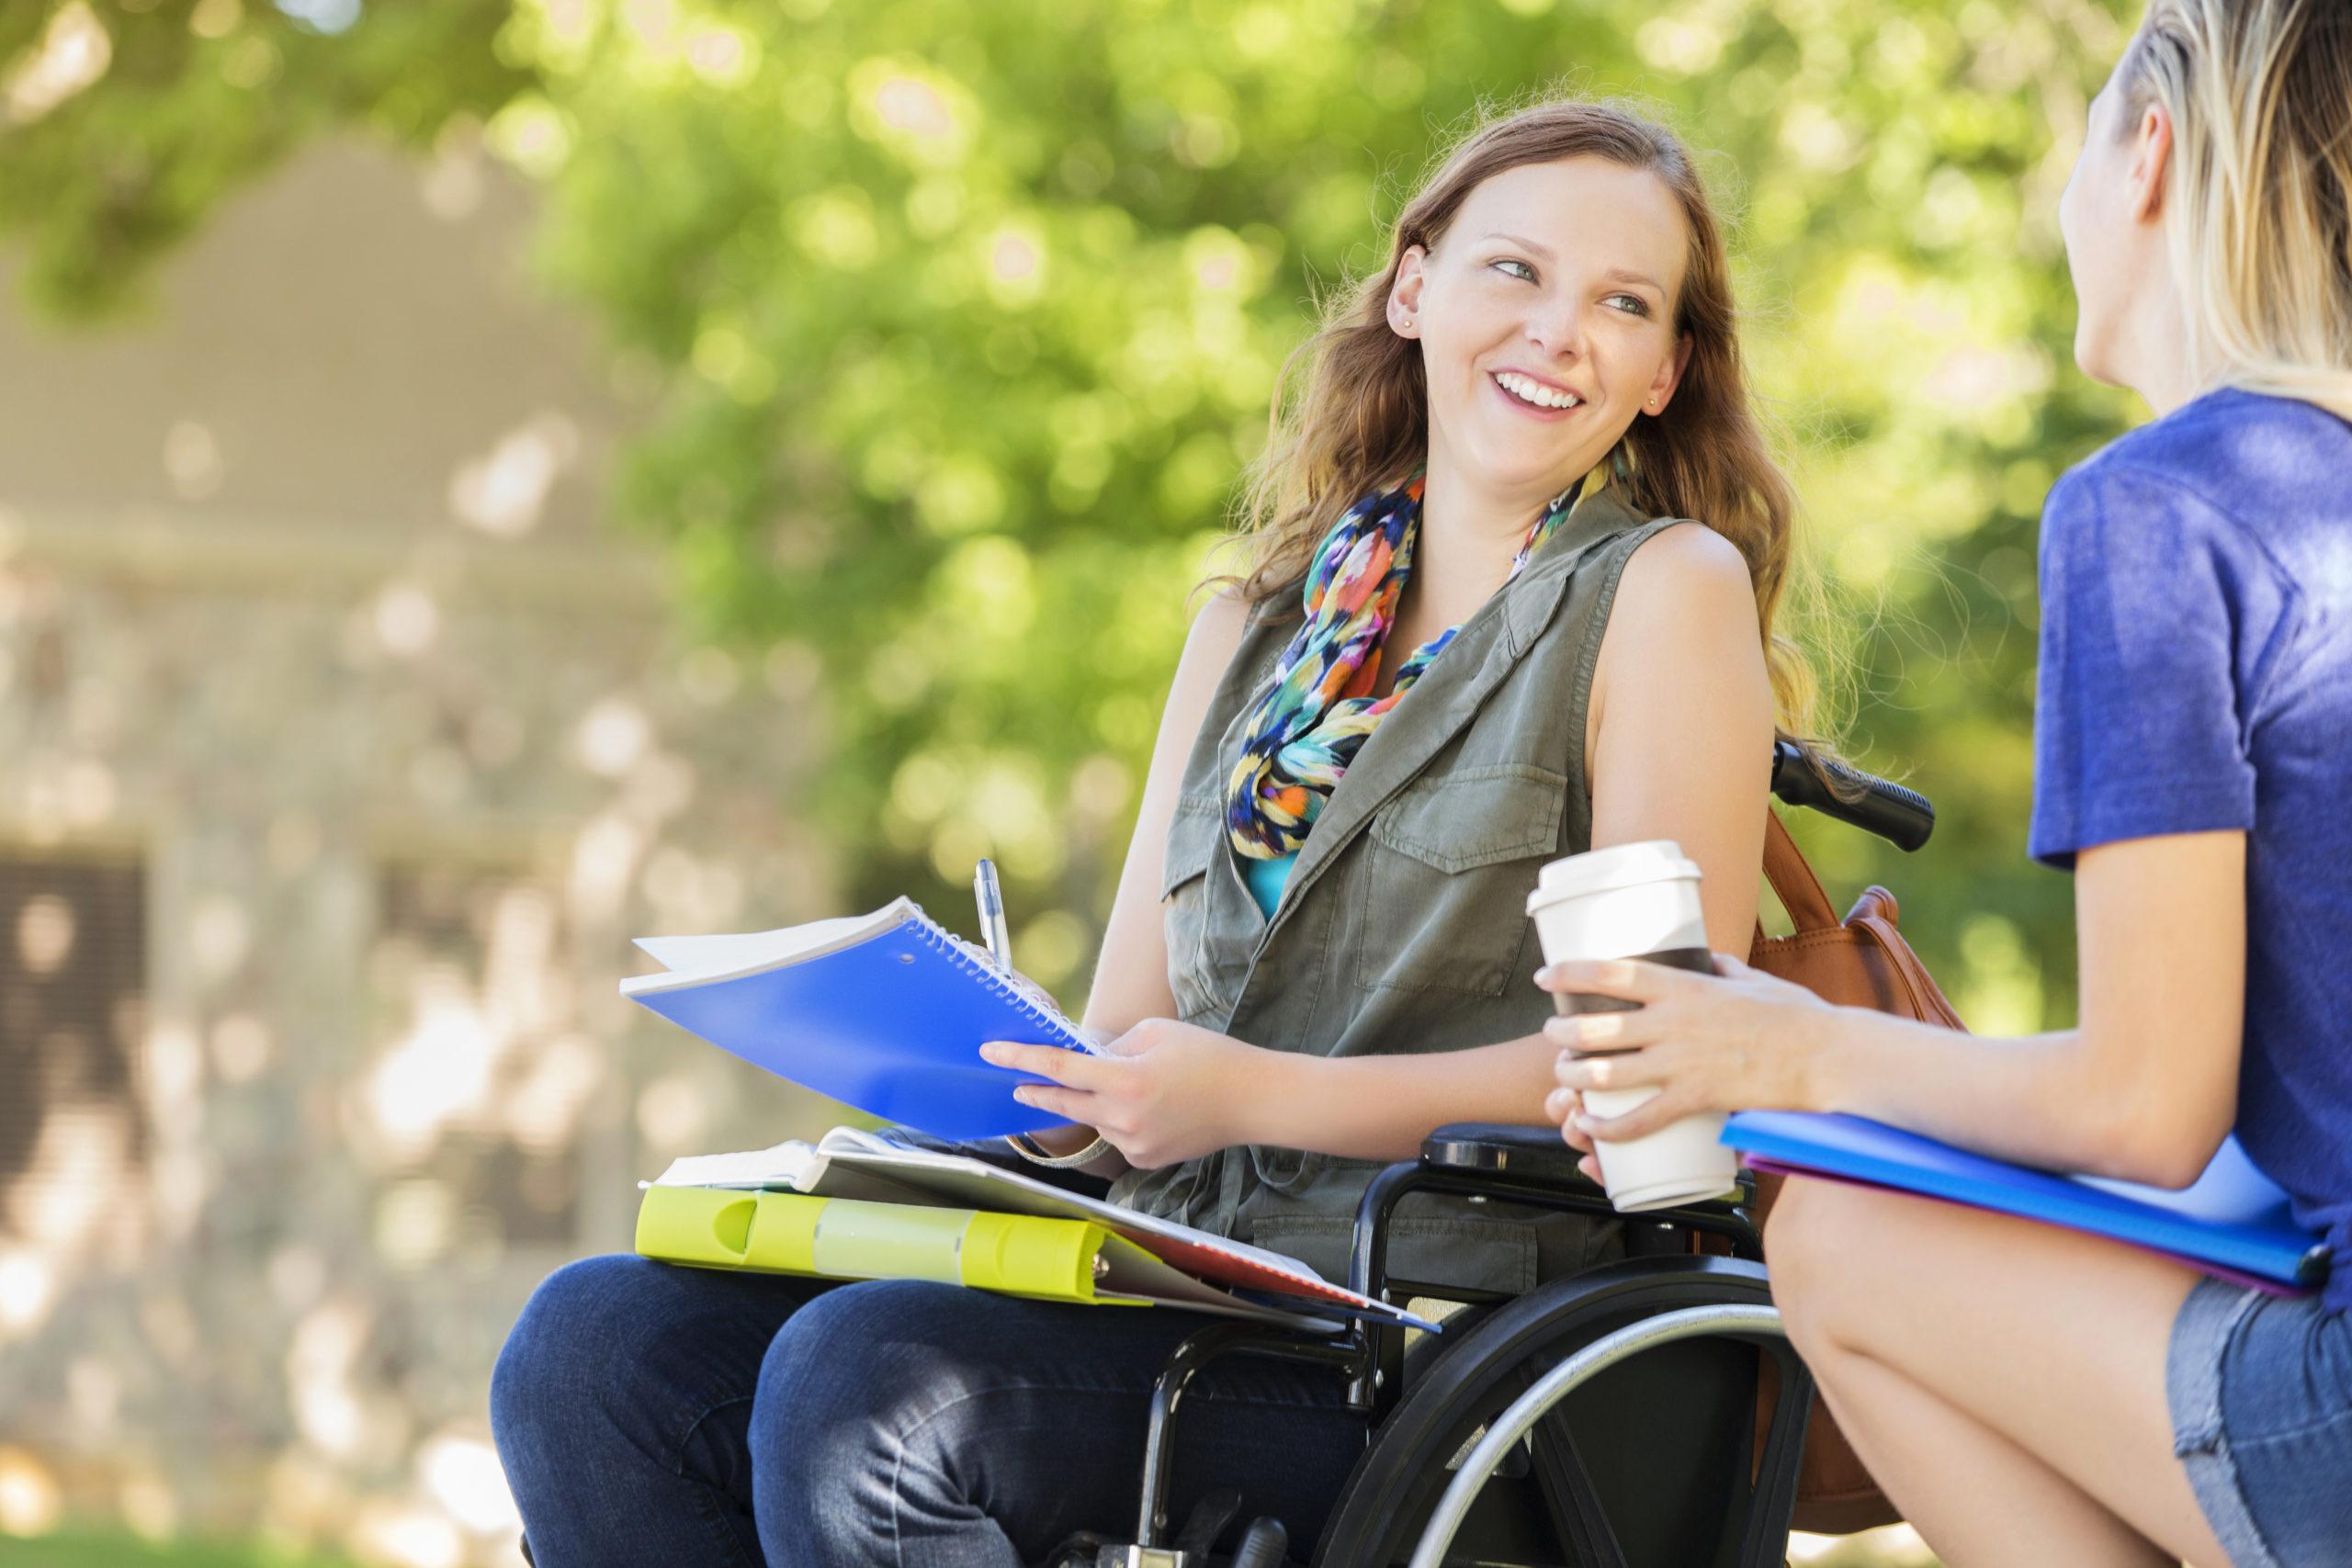 Junge Frau im Rollstuhl spricht mit einer Freundin vor der Unterrichtsstunde. Sie hält einen Laptop und ihre Freundin einen Coffee-to-go Becher.